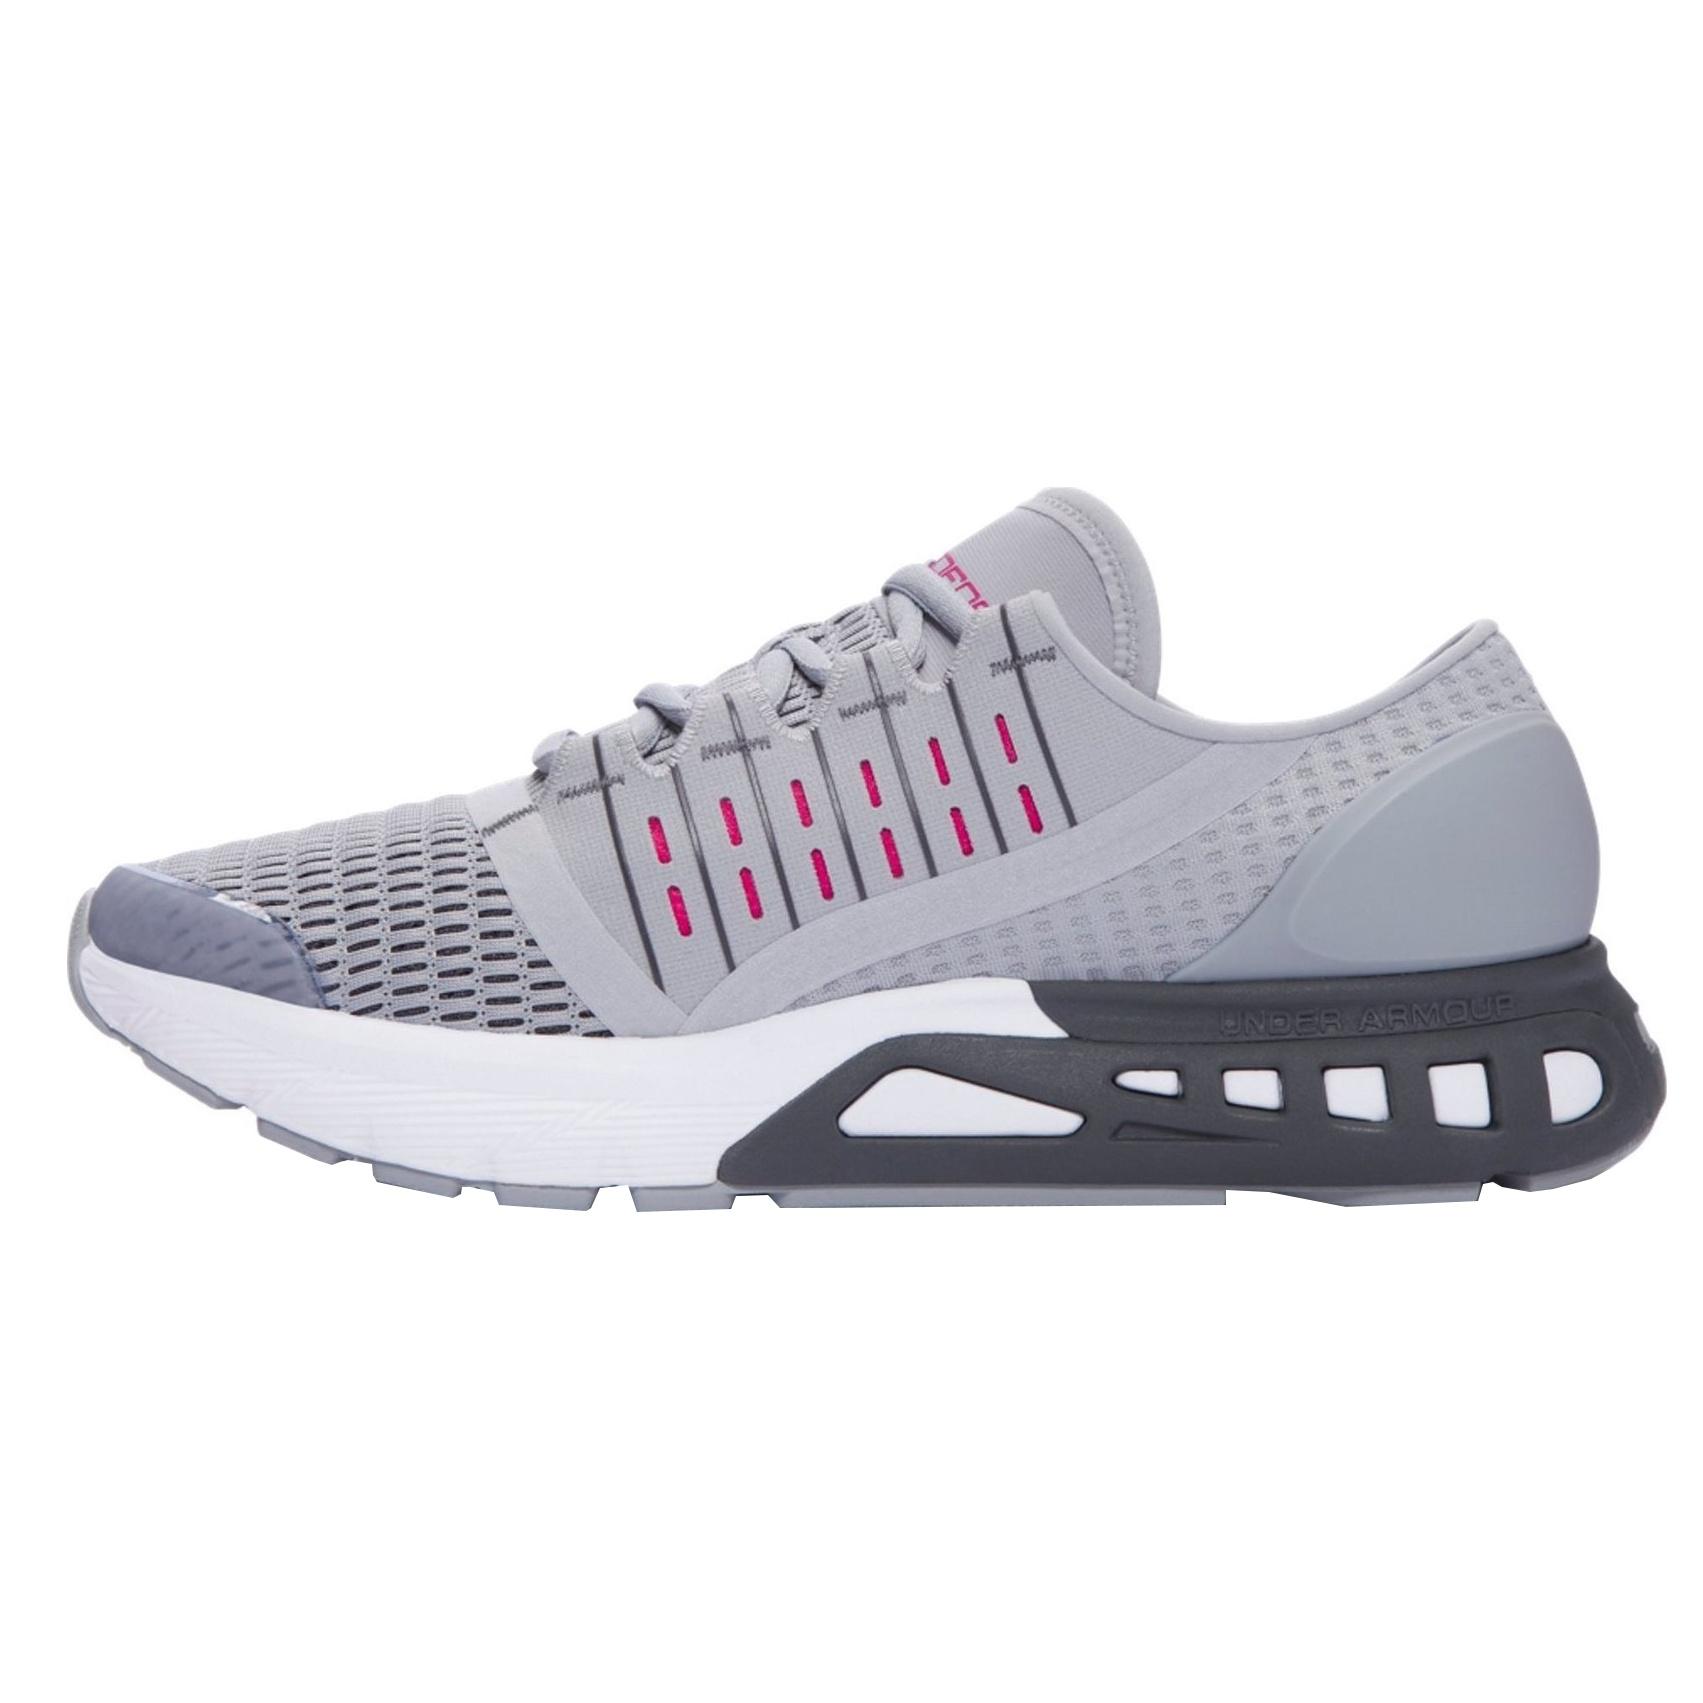 کفش مخصوص دویدن زنانه آندر آرمور مدل SpeedForm Europa